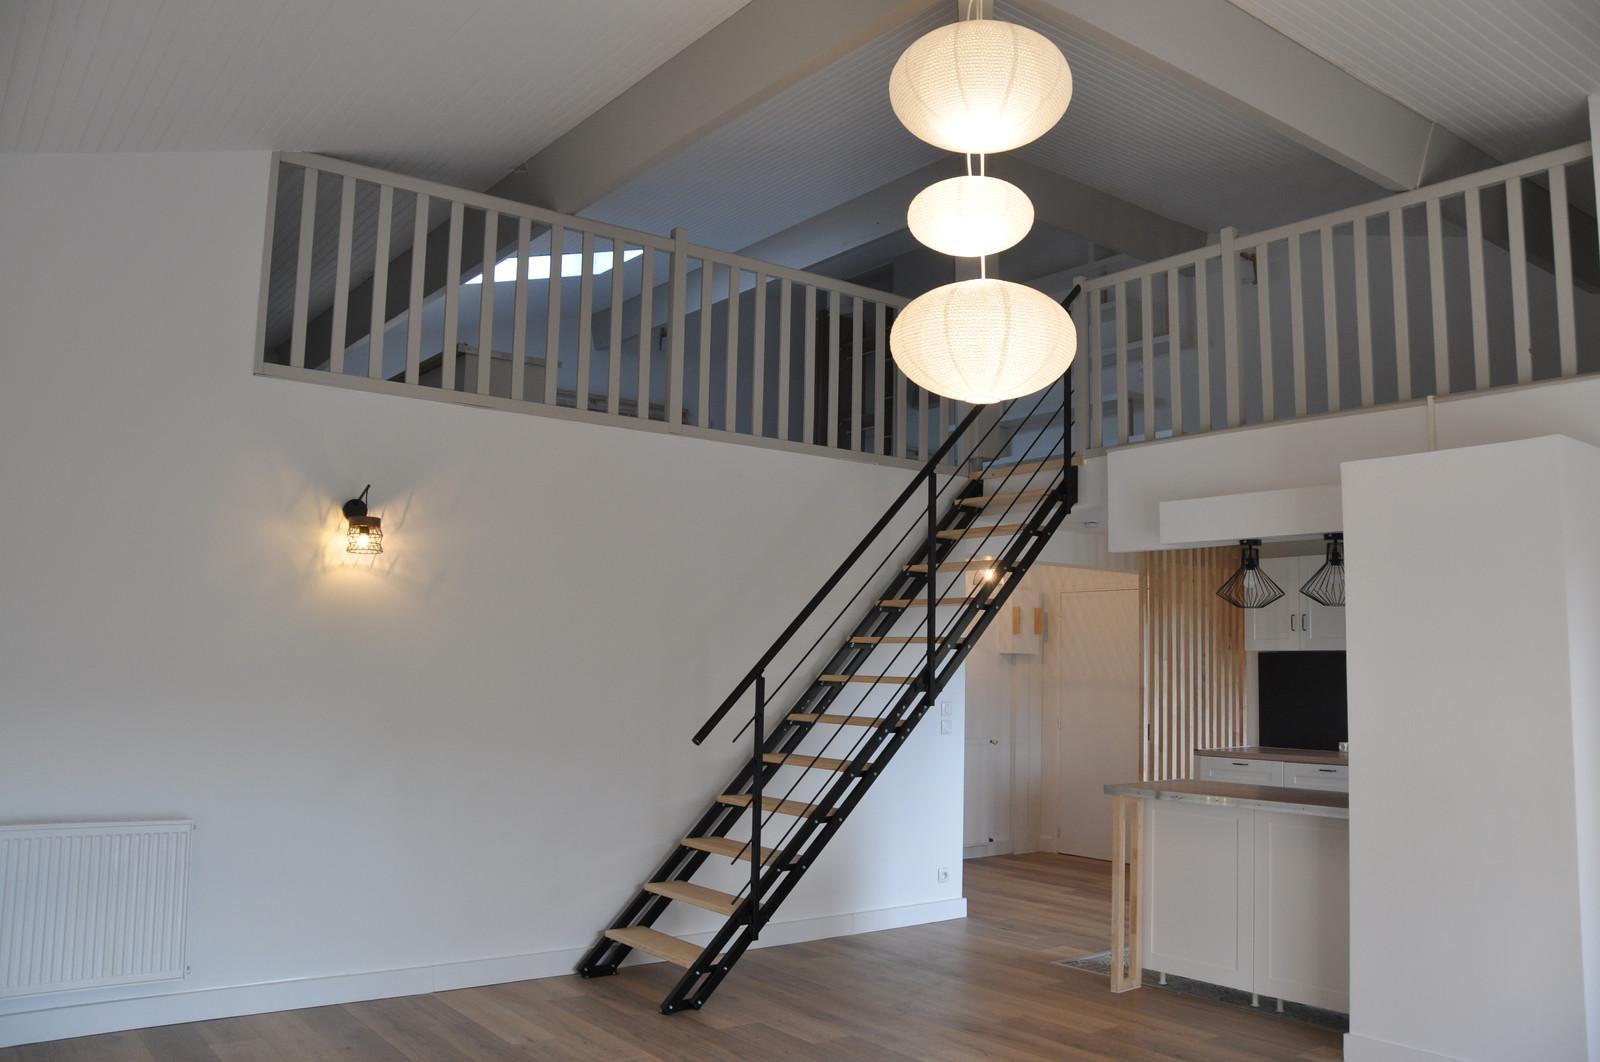 Escalier Dans Un Salon vue de l'escalier depuis le salon